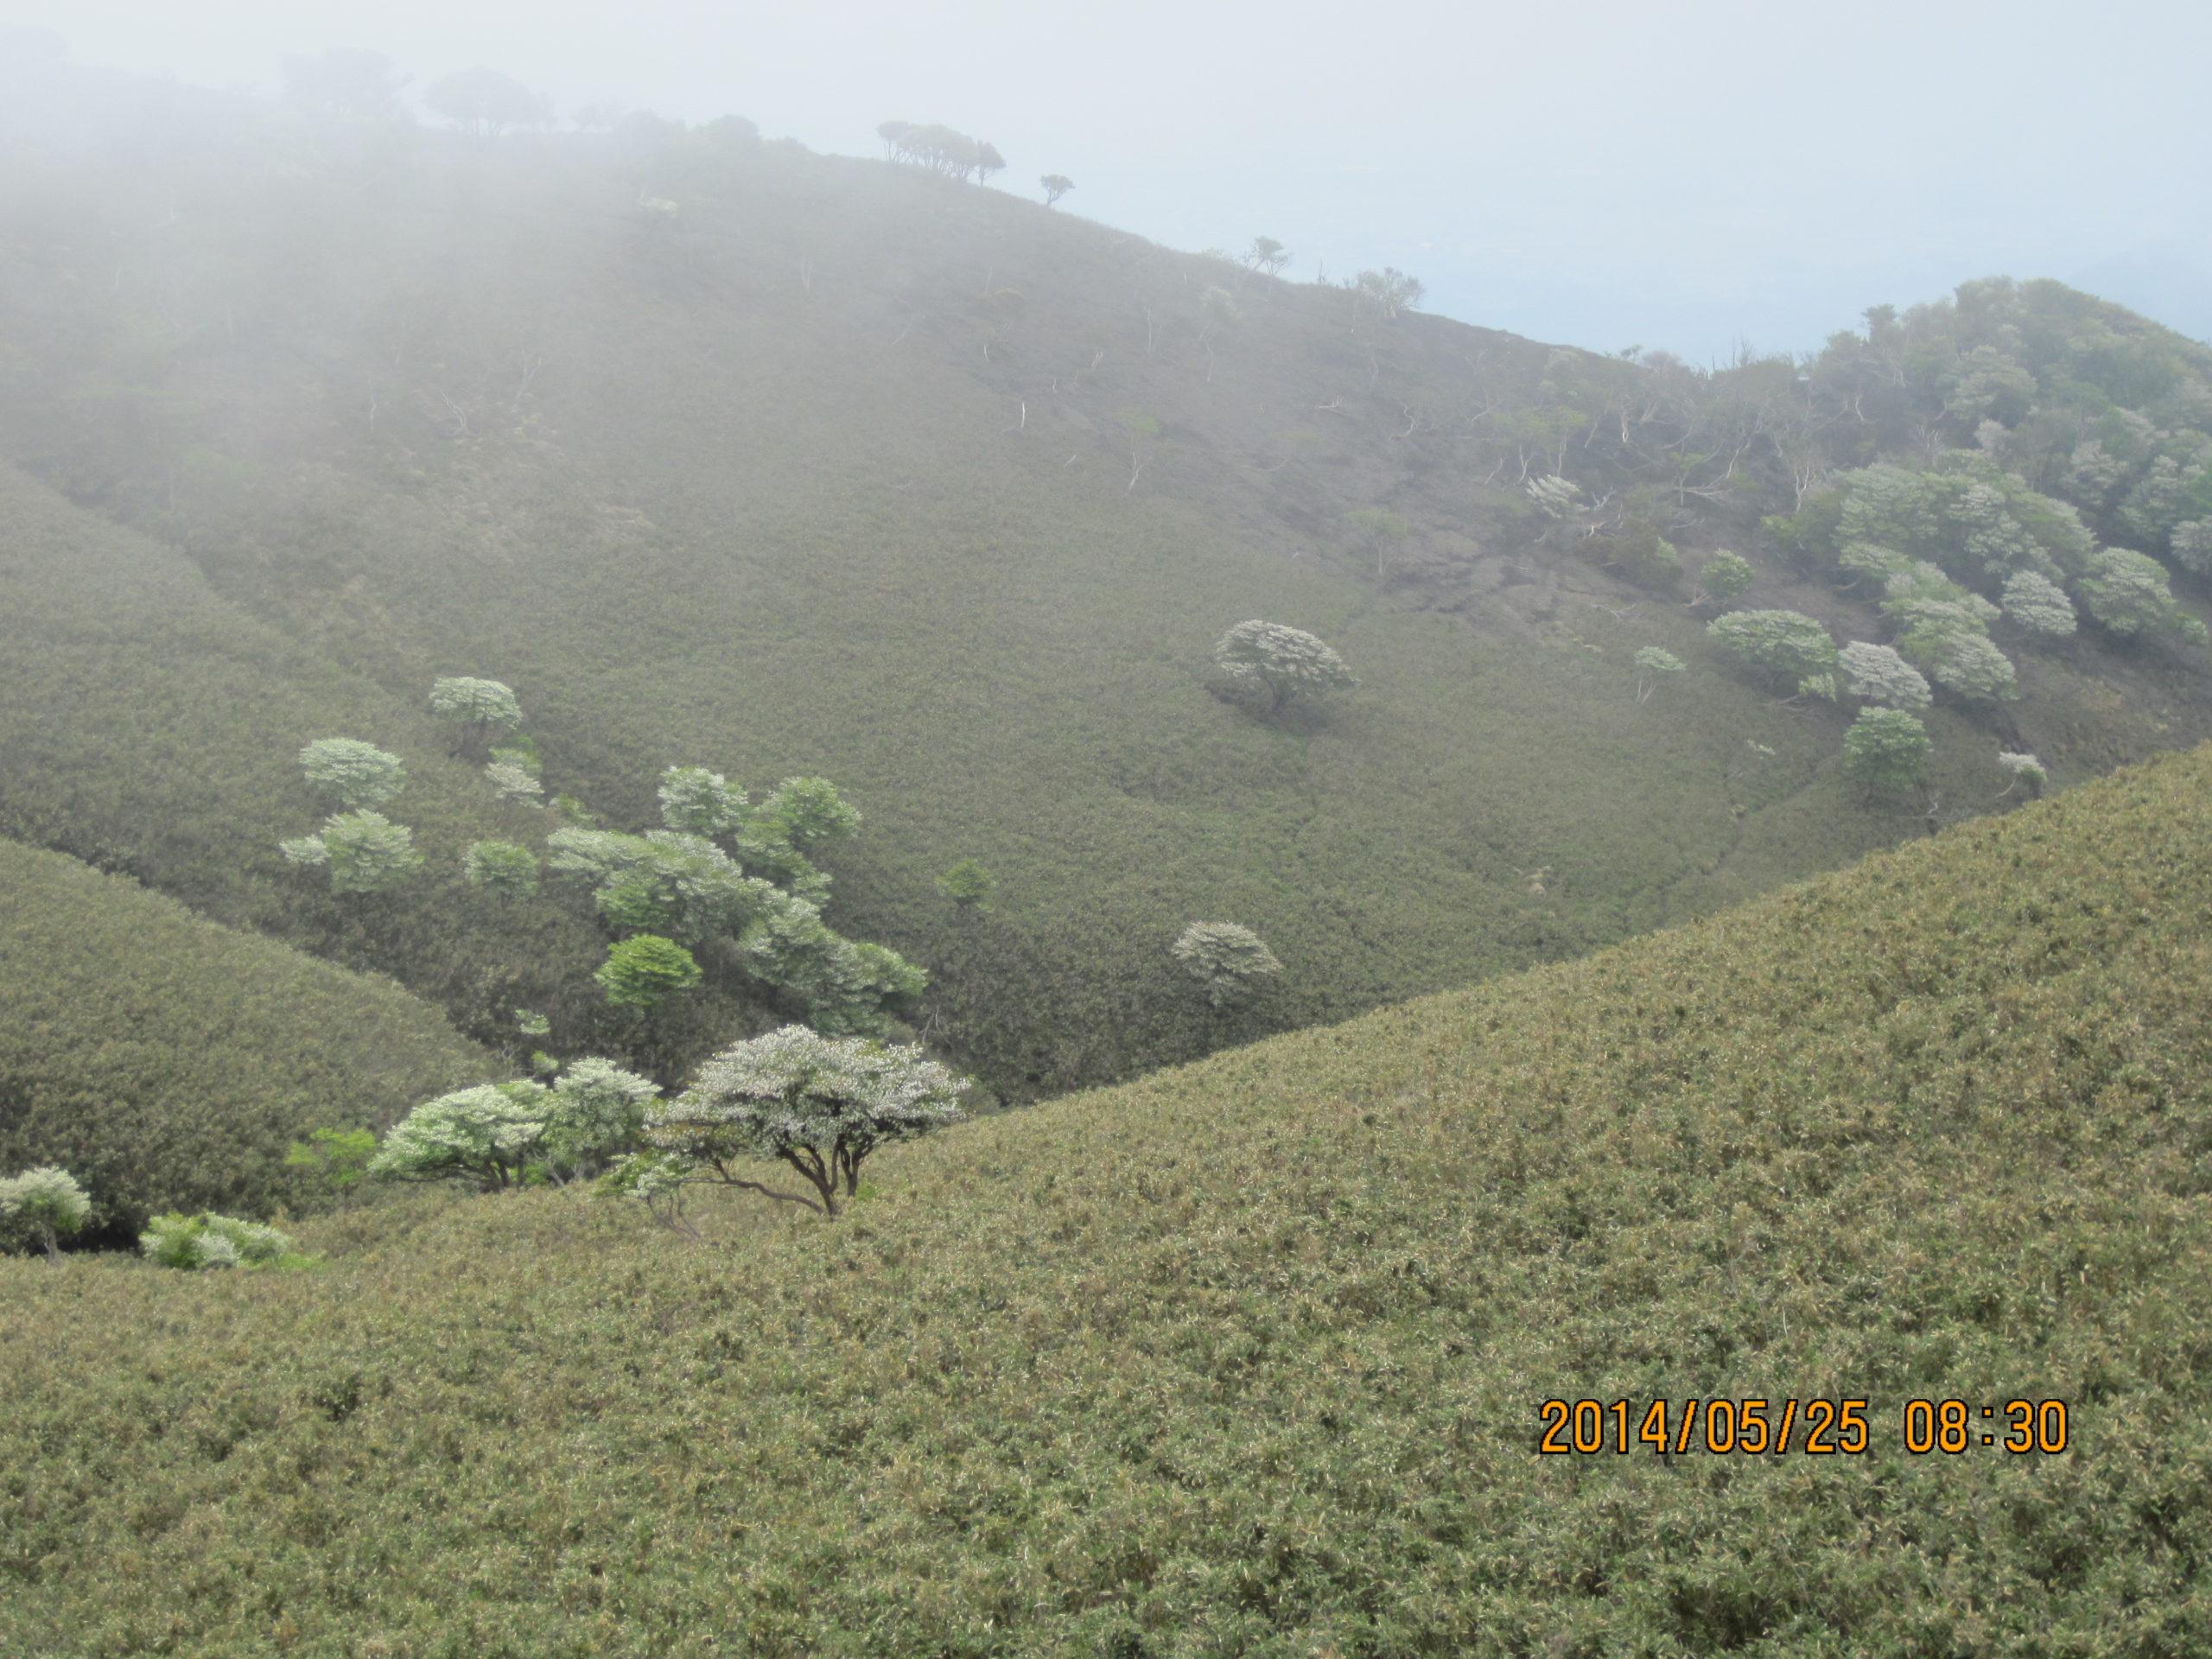 竜ヶ岳の羊の群れ2